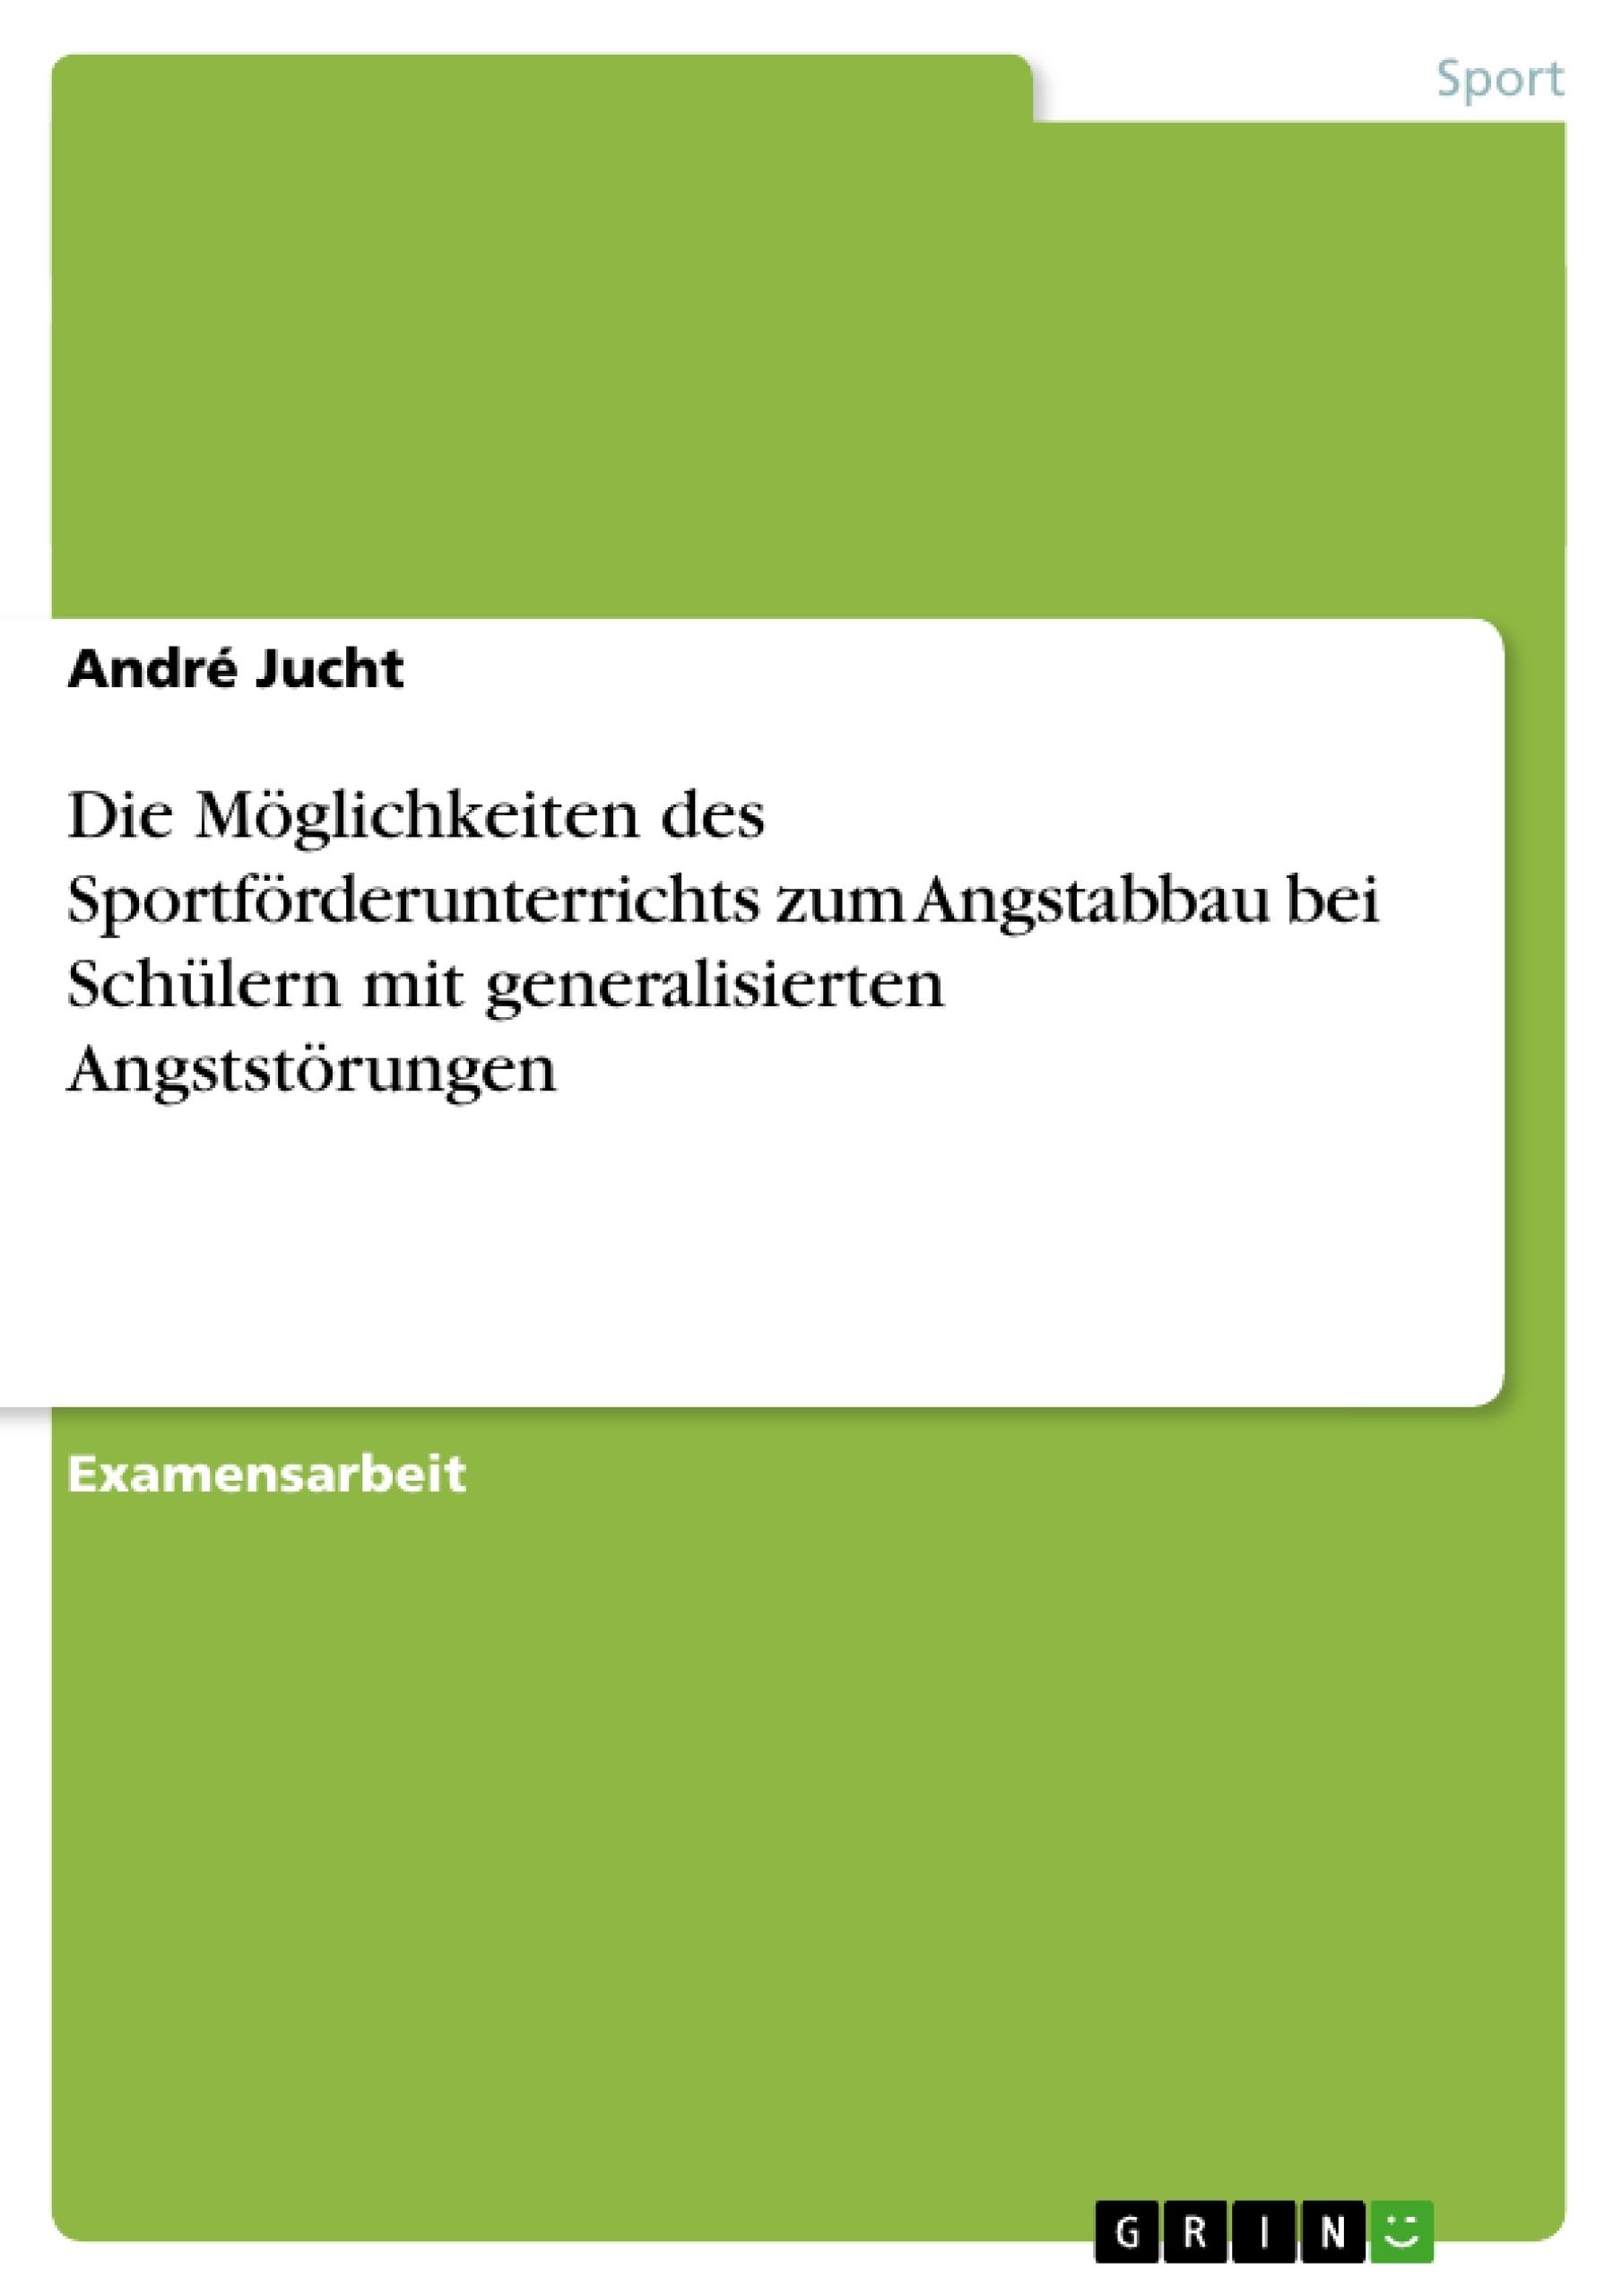 Titel: Die Möglichkeiten des Sportförderunterrichts zum Angstabbau bei Schülern mit generalisierten Angststörungen